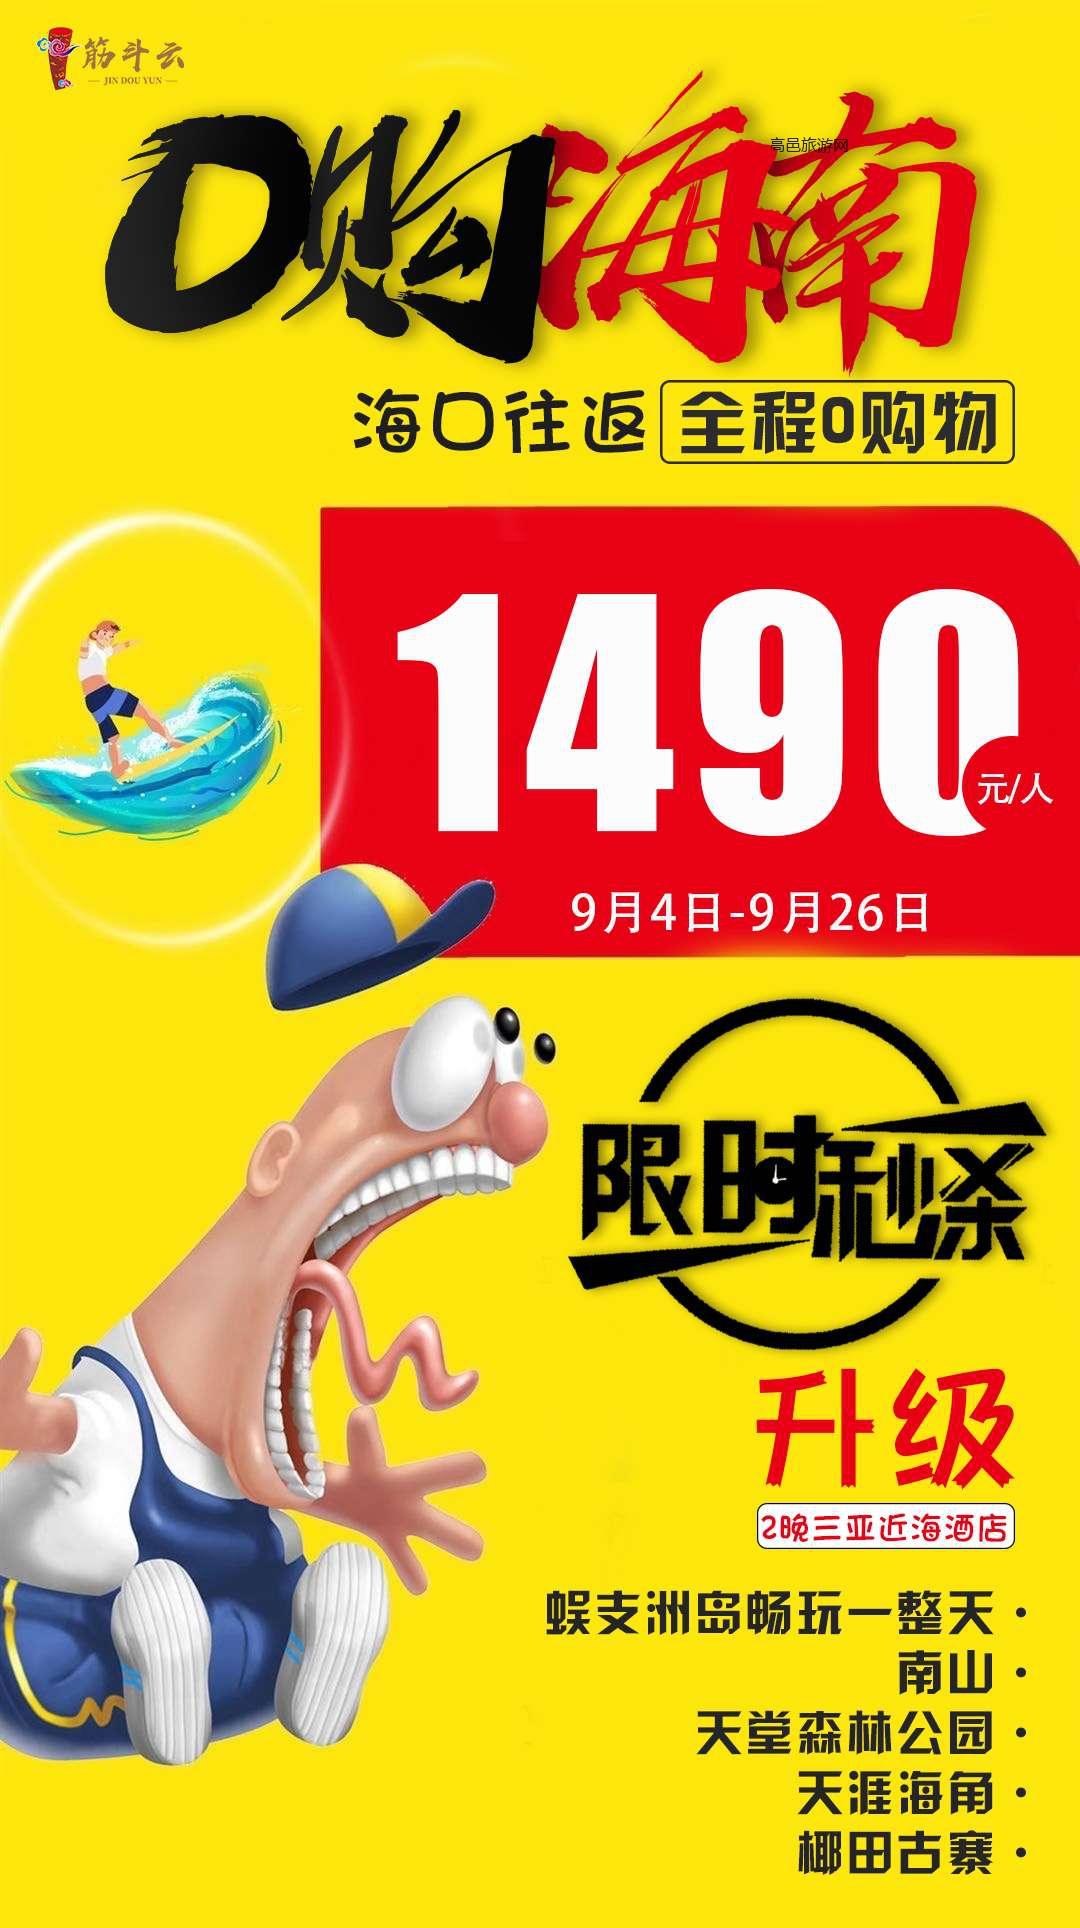 0购海南丨双飞海南 6 日游 1499